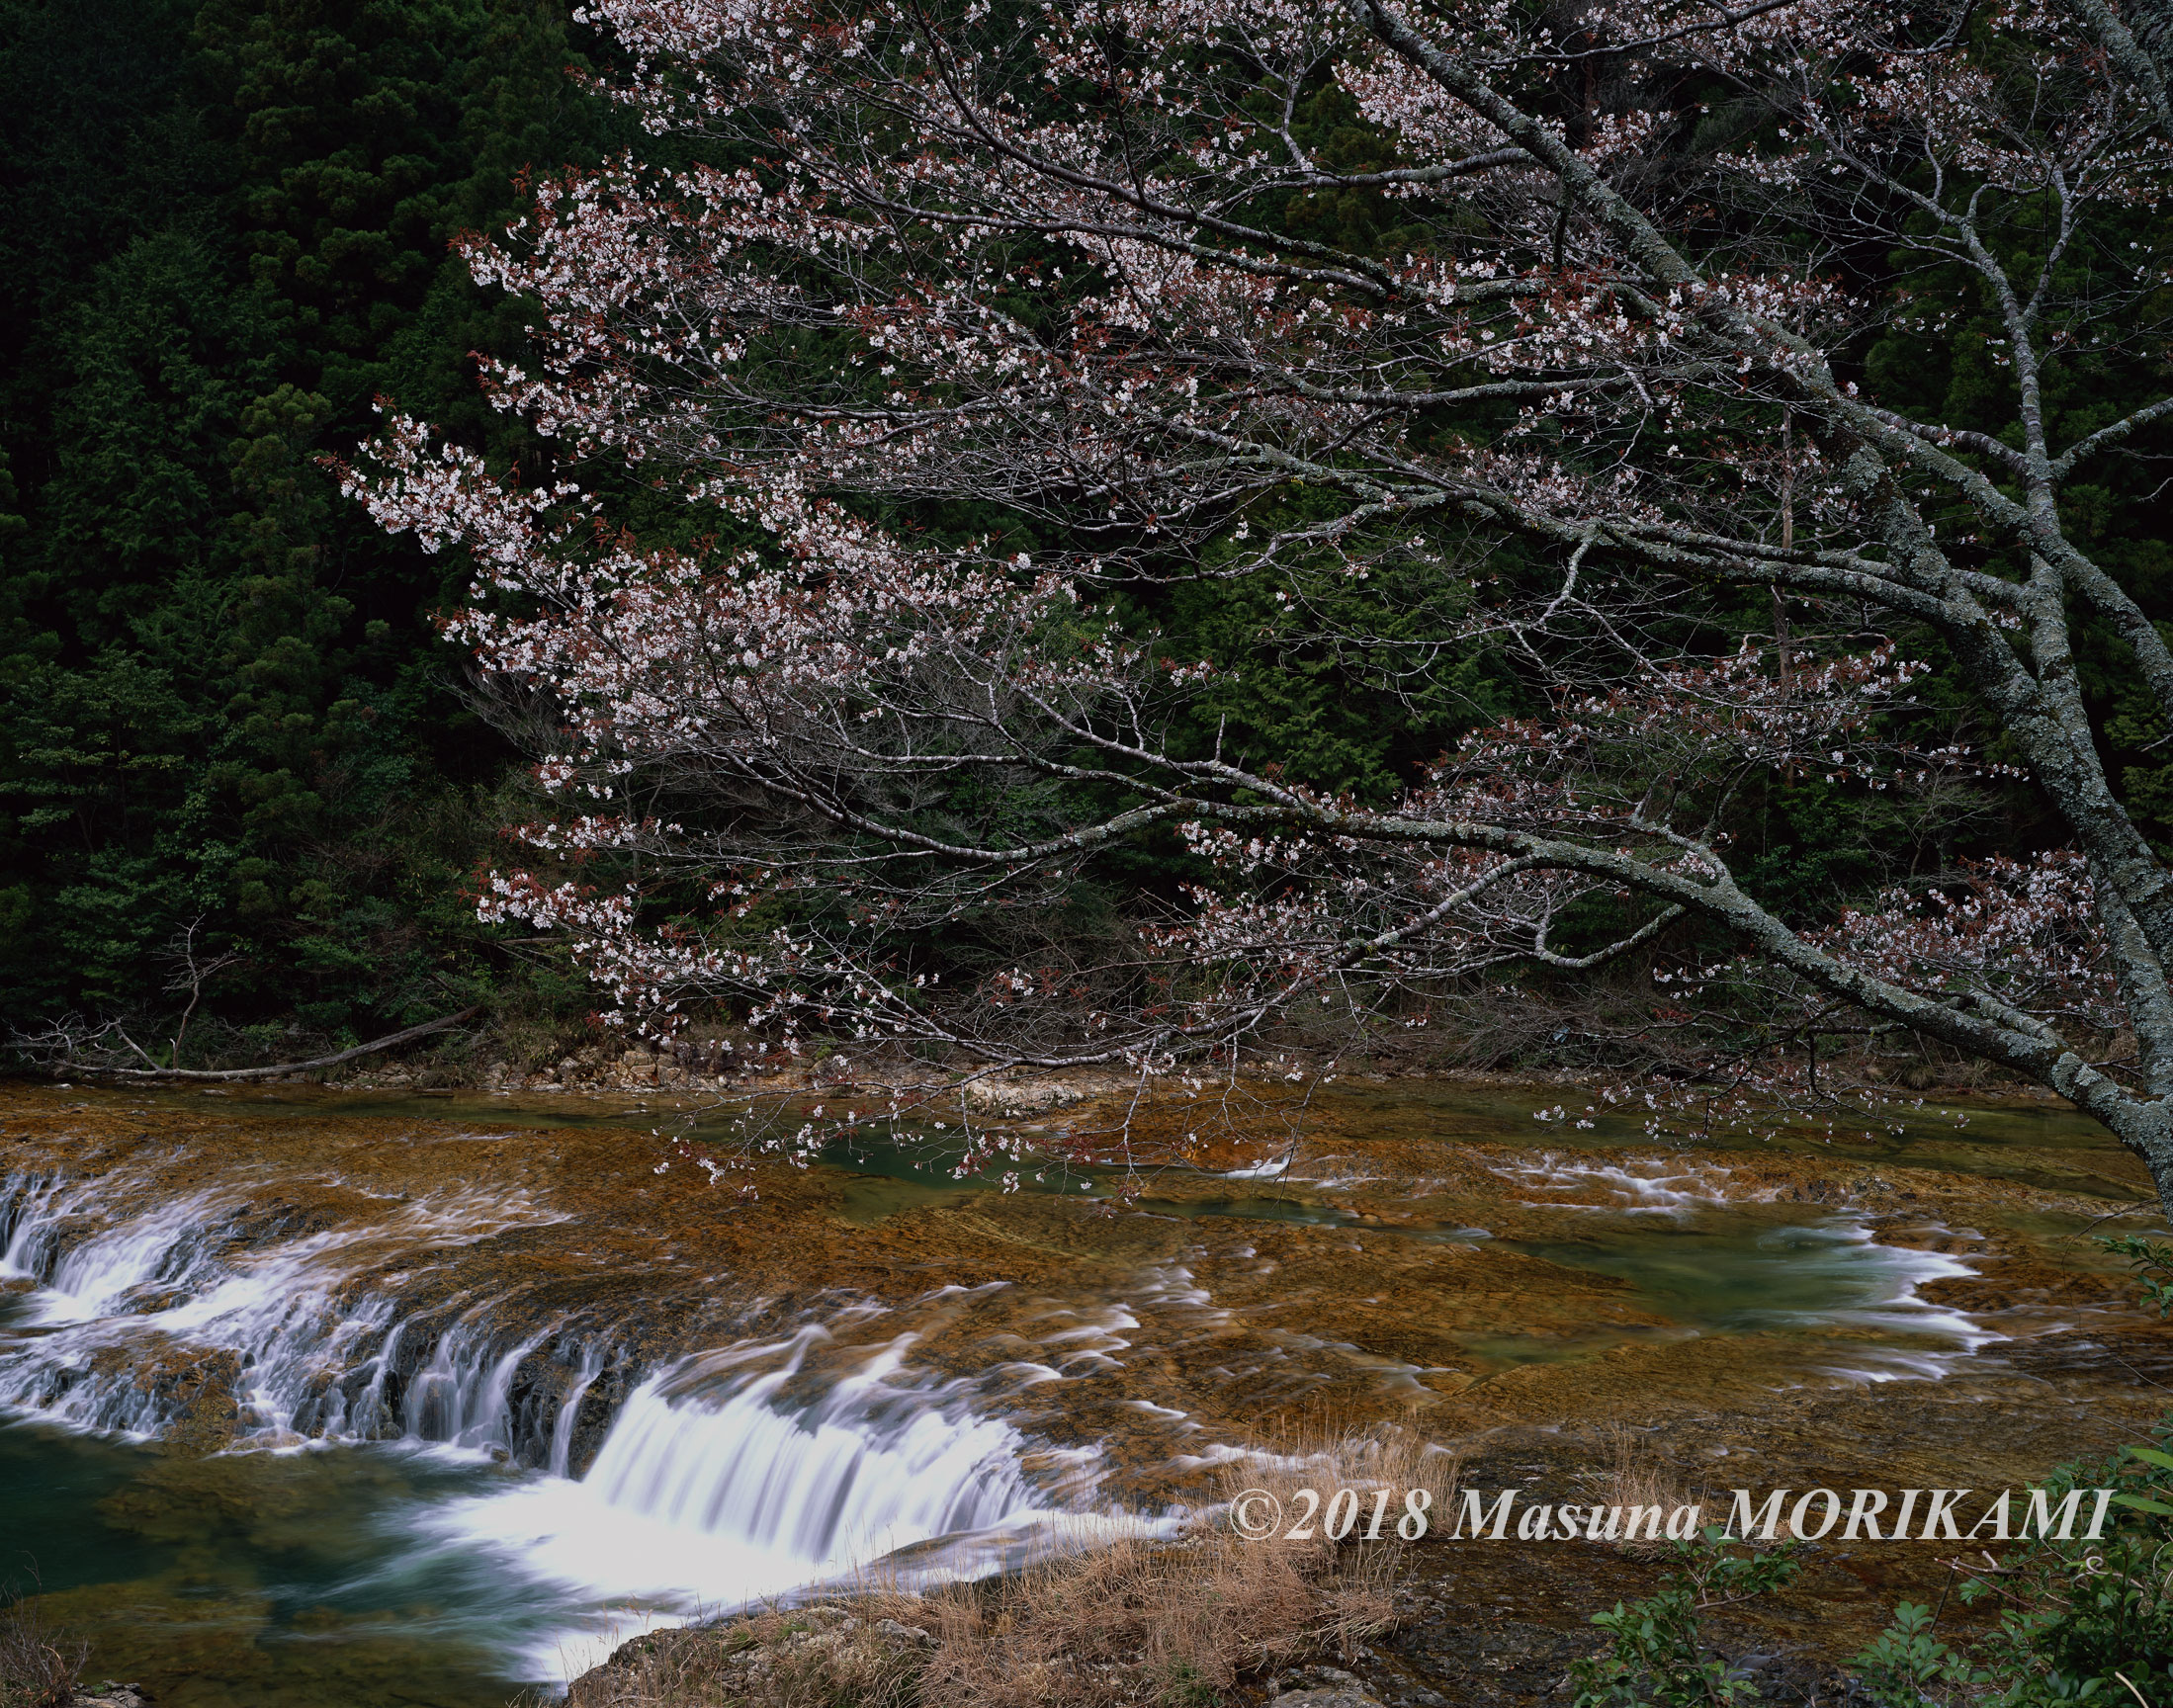 04 春の瀬音/愛知県新城市/2007.3.31 12:30